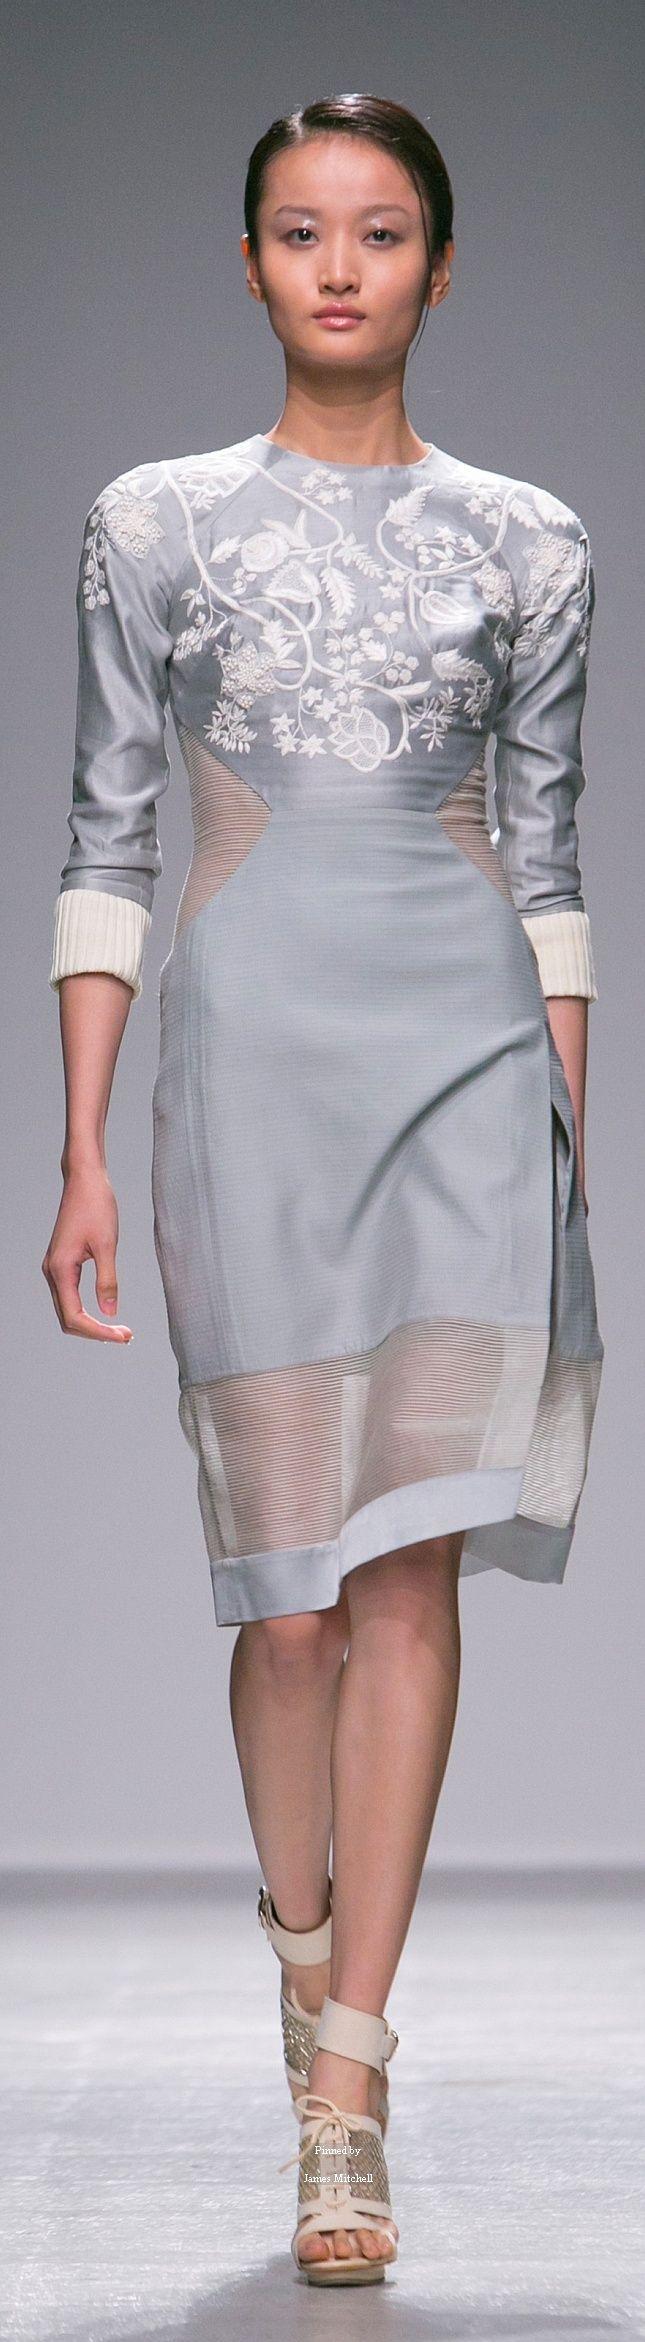 Farb- und Stilberatung mit www.farben-reich.com # Rahul Mishra Spring Summer 2015 Ready-To-Wear collection